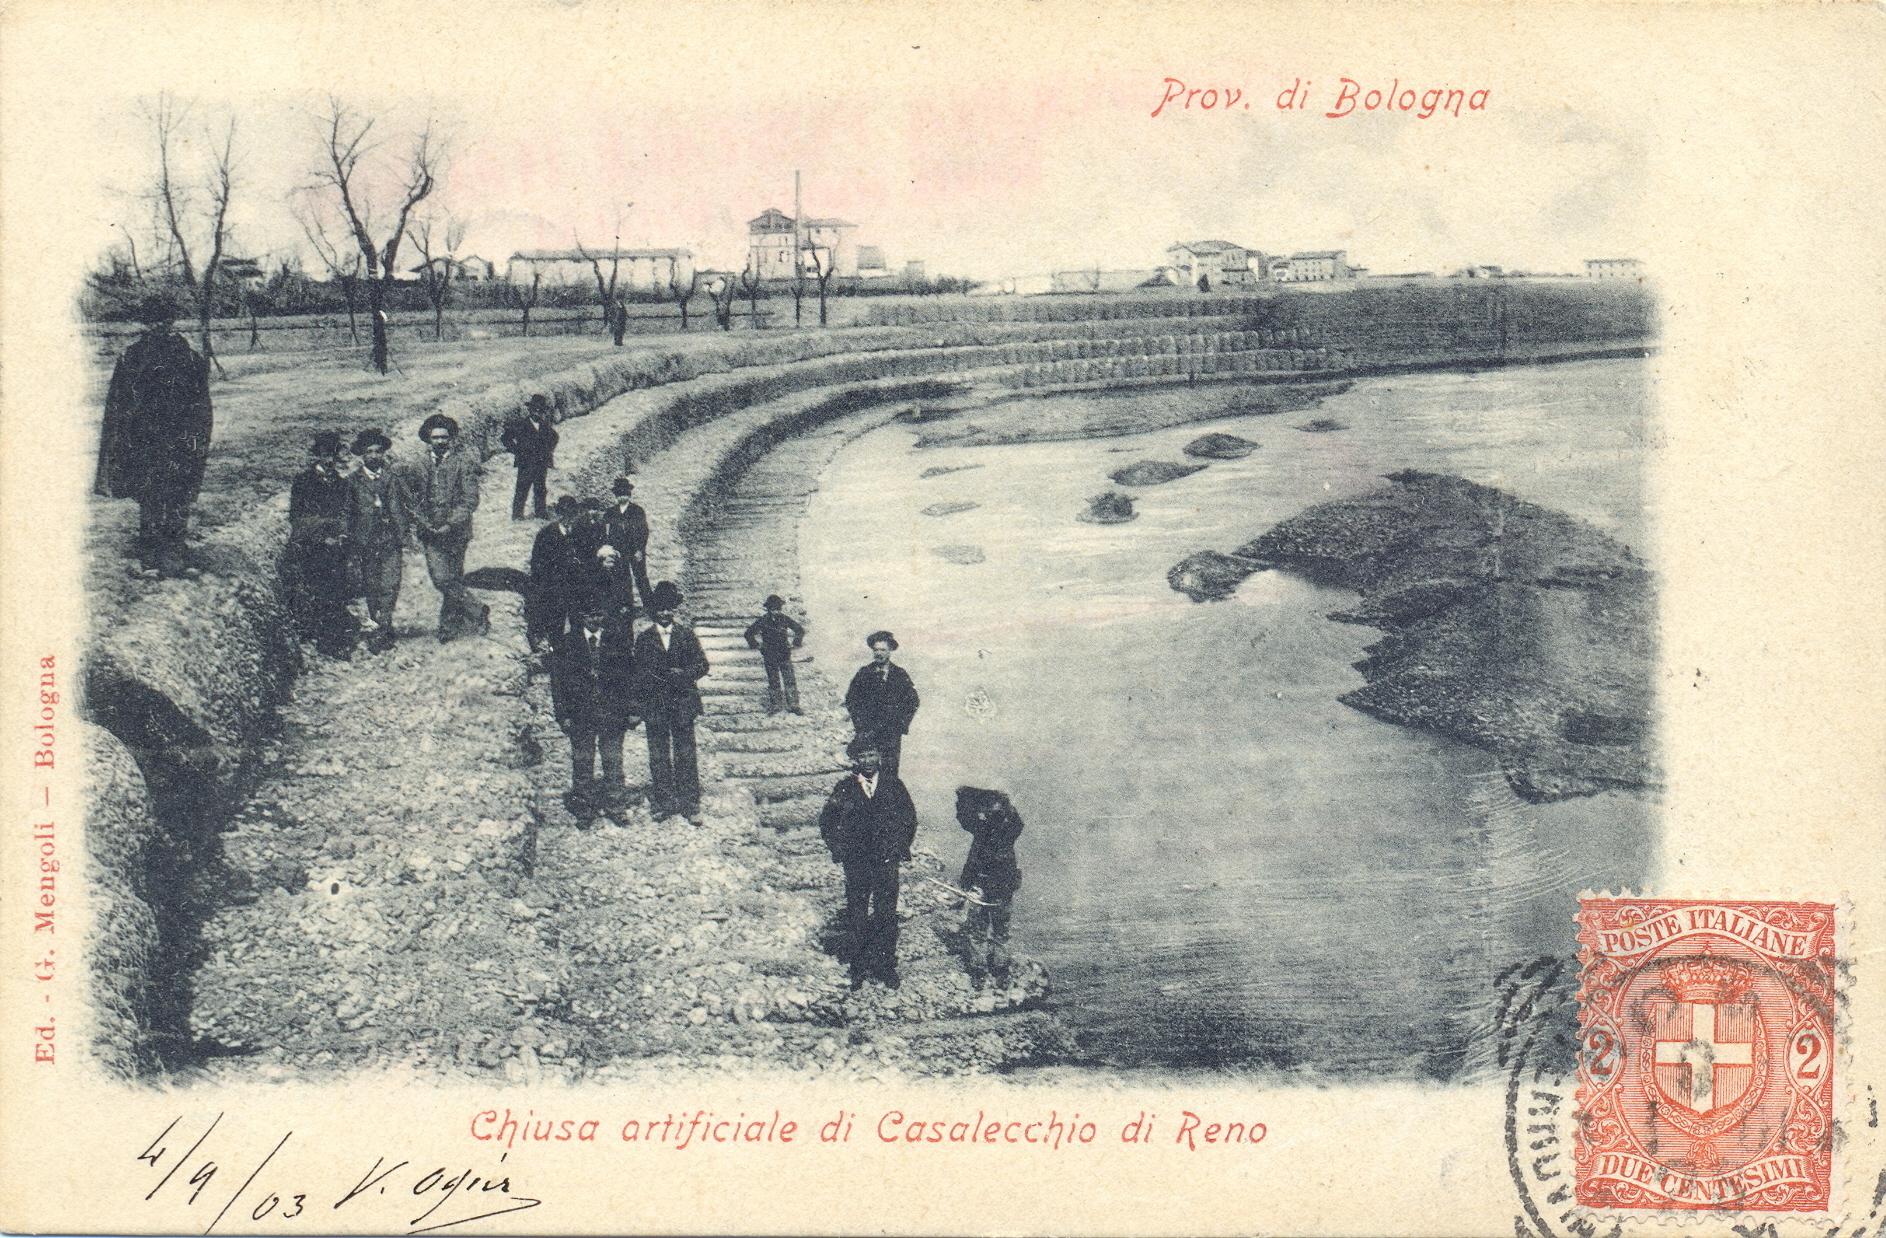 Sopralluogo degli ingegneri durante i lavori di chiusura della rotta (Archivio fotografico Biblioteca C.Pavese)